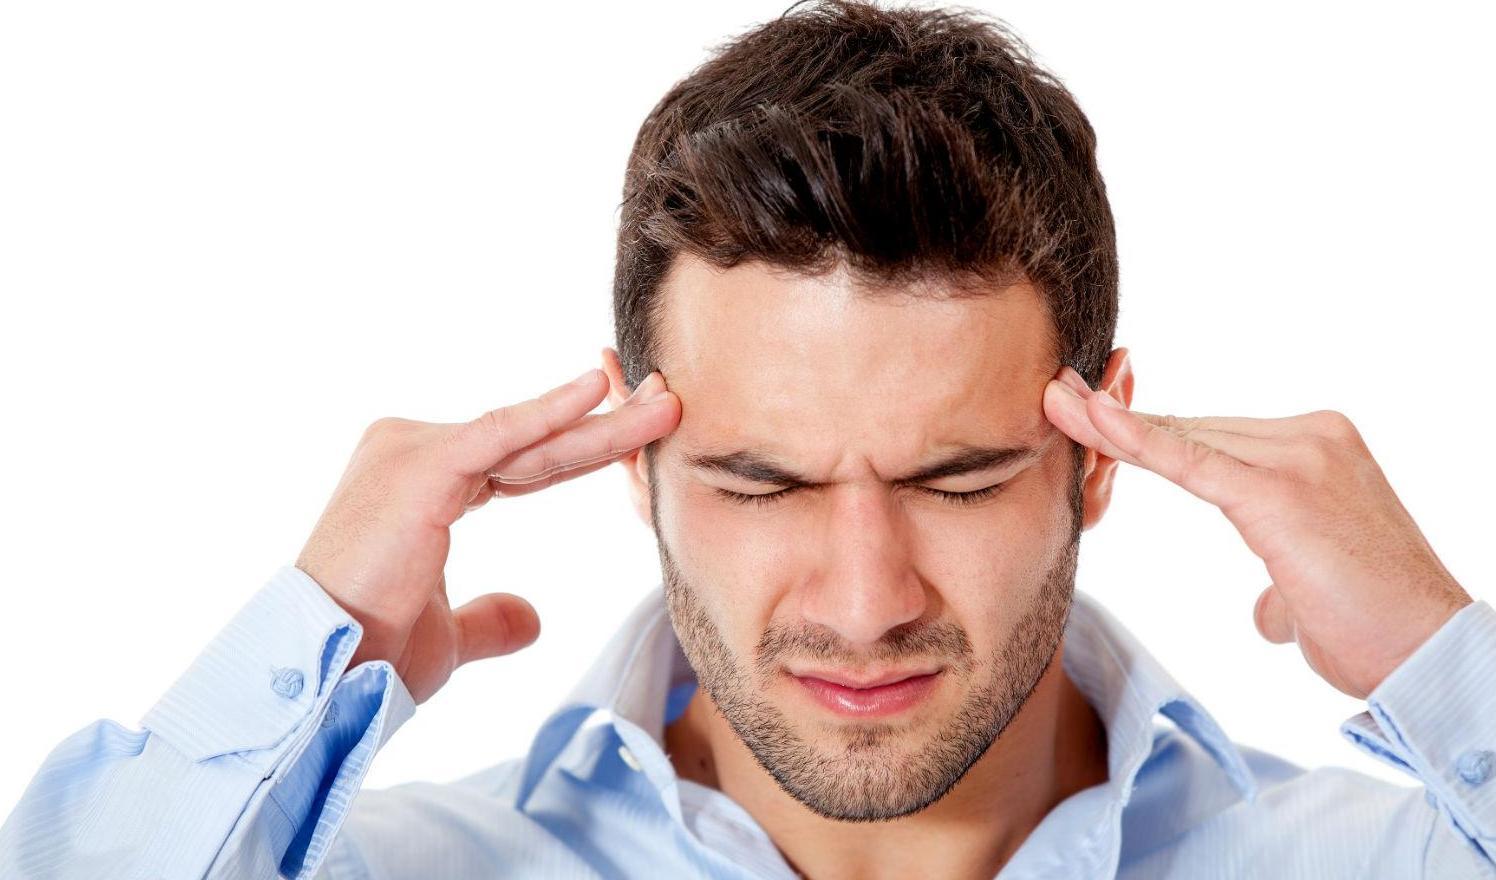 Мужчины с эректильной дисфункцией чаще страдают мигренями